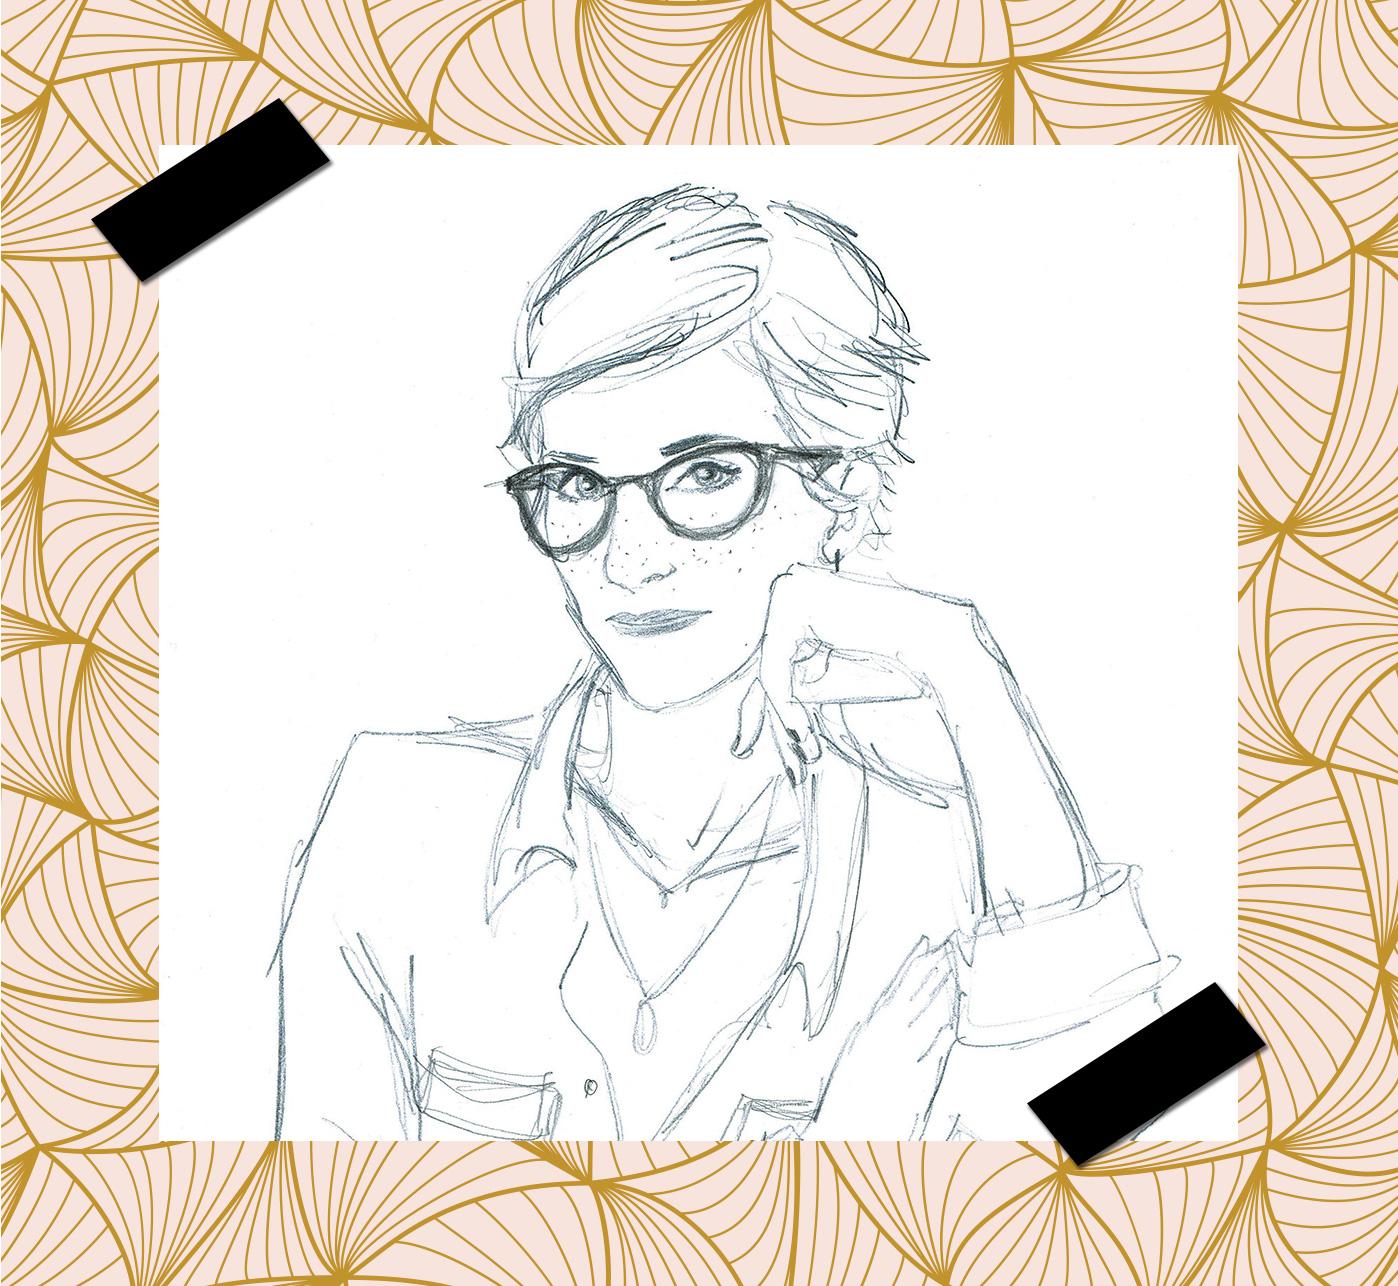 Illustration Anne Sophie Perre, Freckles Design Lyon